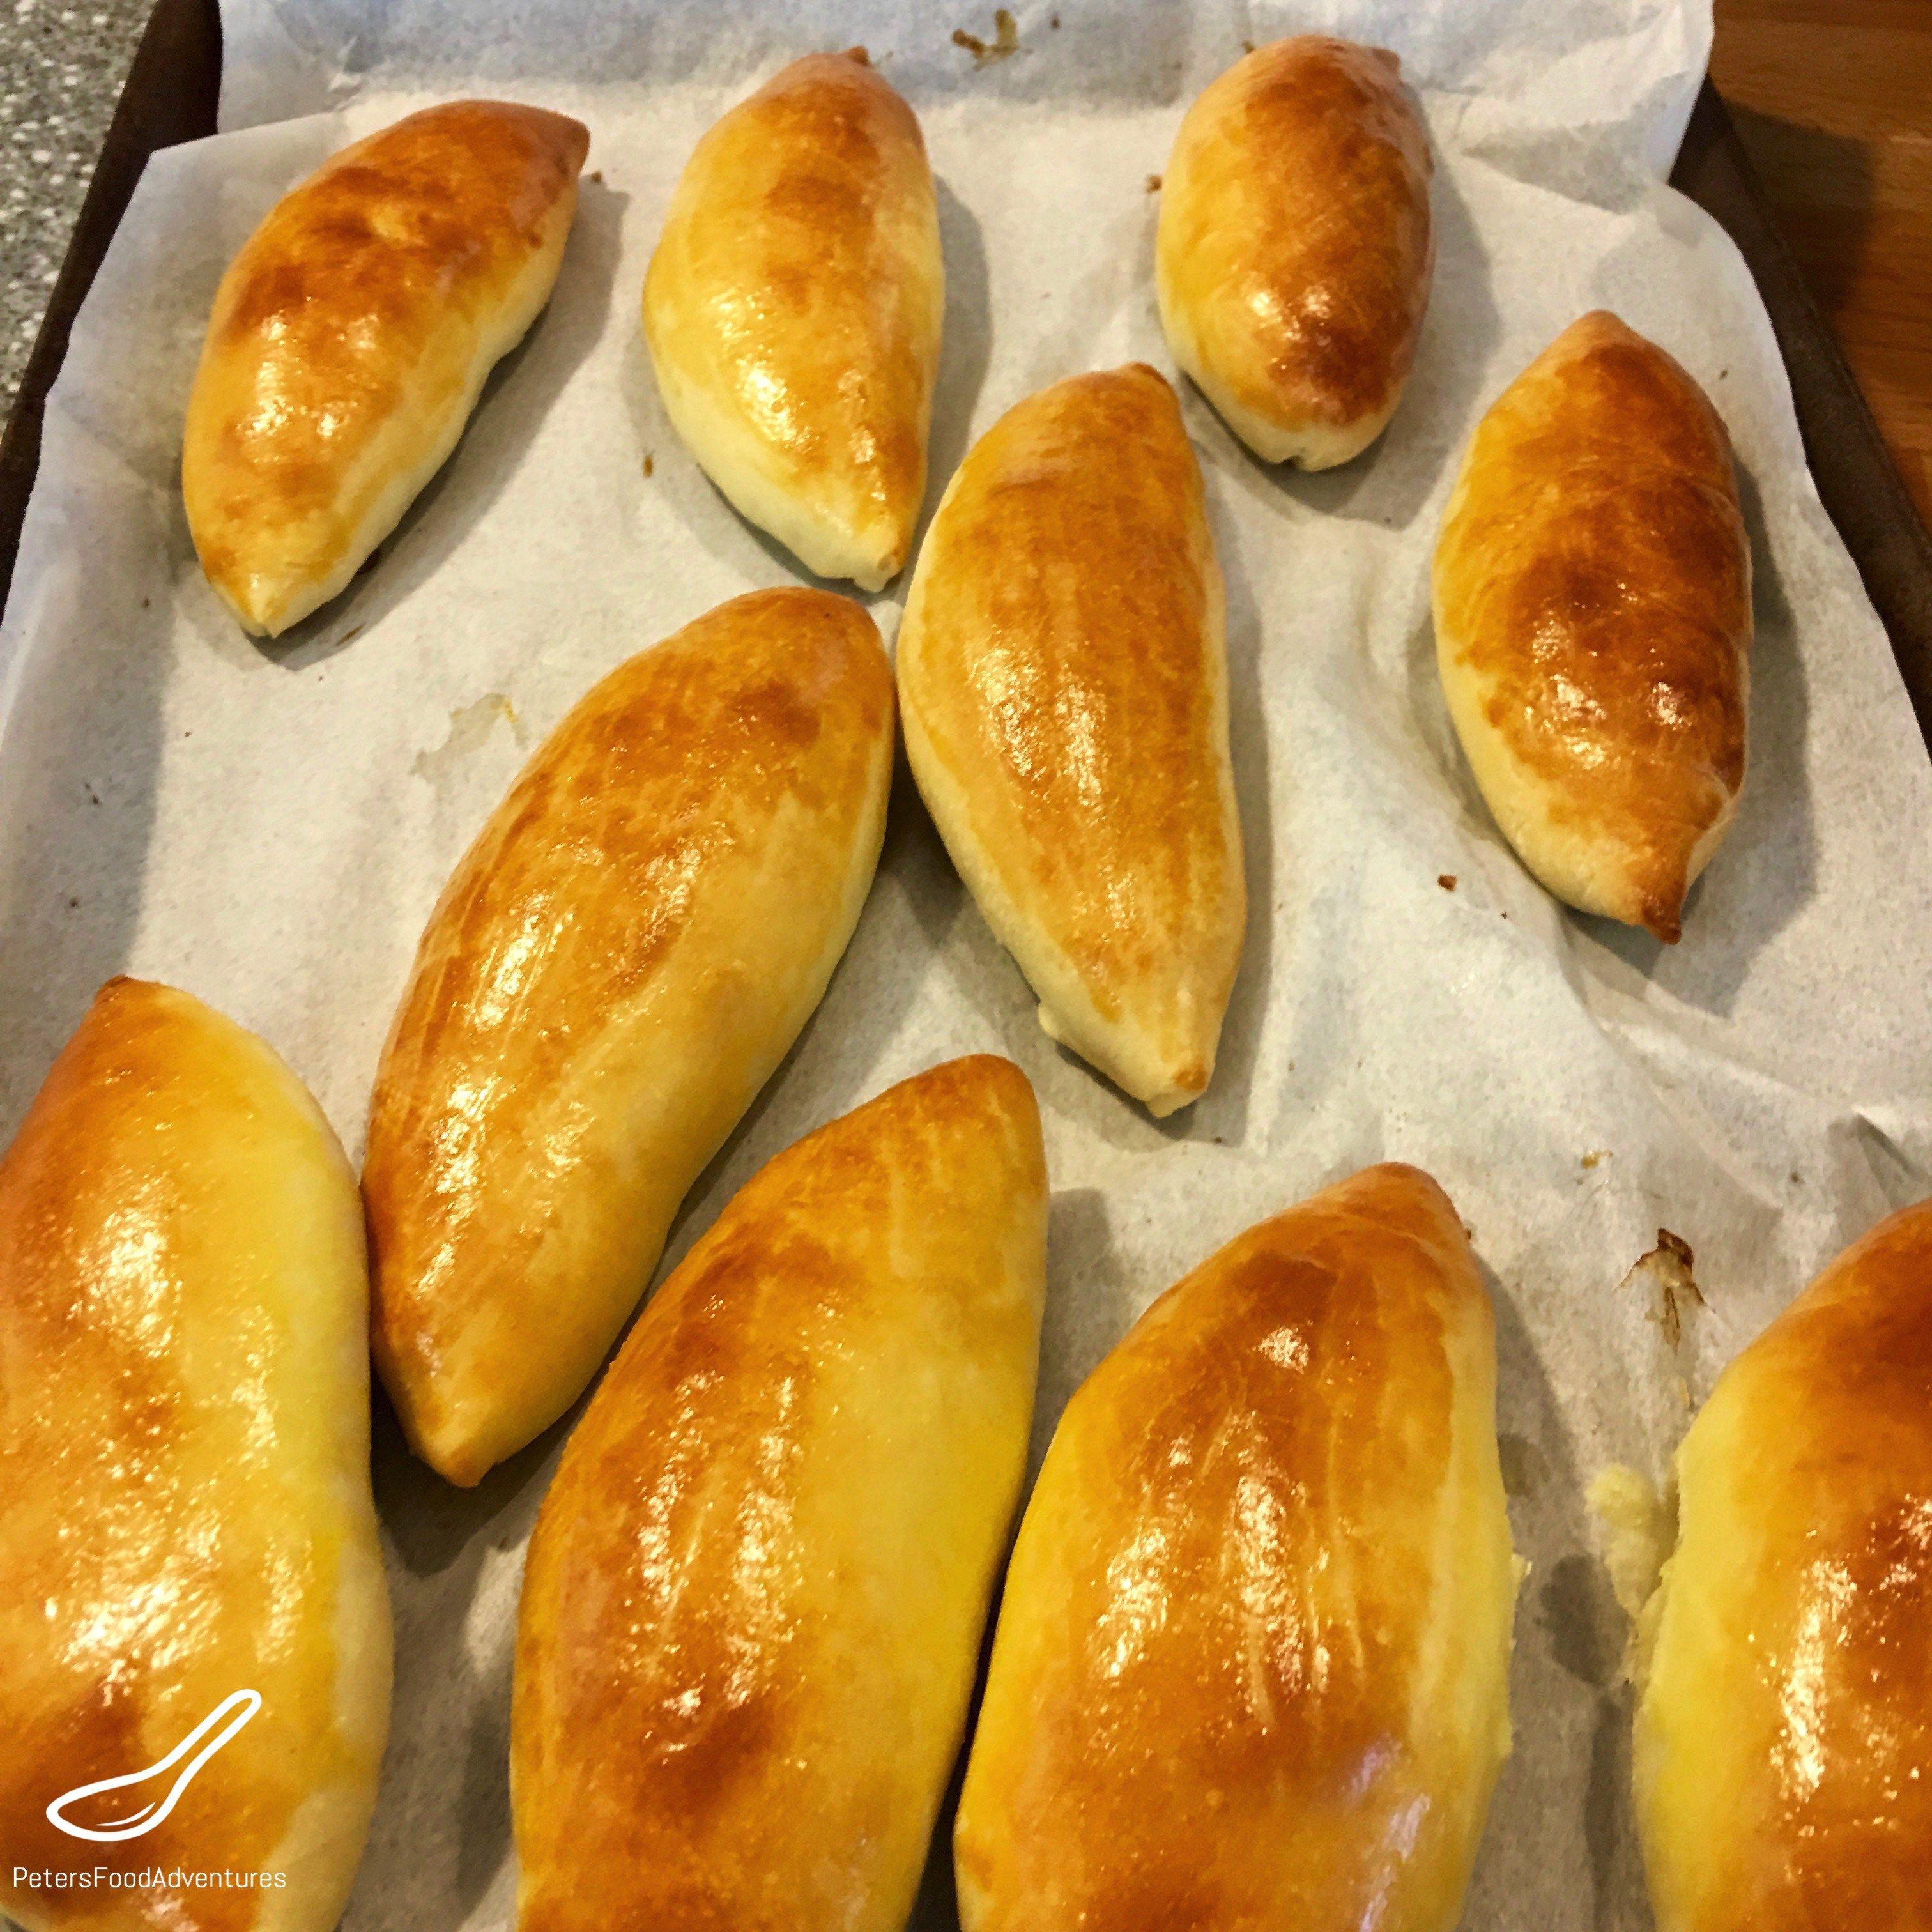 Baked Piroshki With Potato Beef Pirozhki V Duhovke S Kartoshkoj Beef And Potatoes Baby Food Recipes Potato Piroshki Recipe